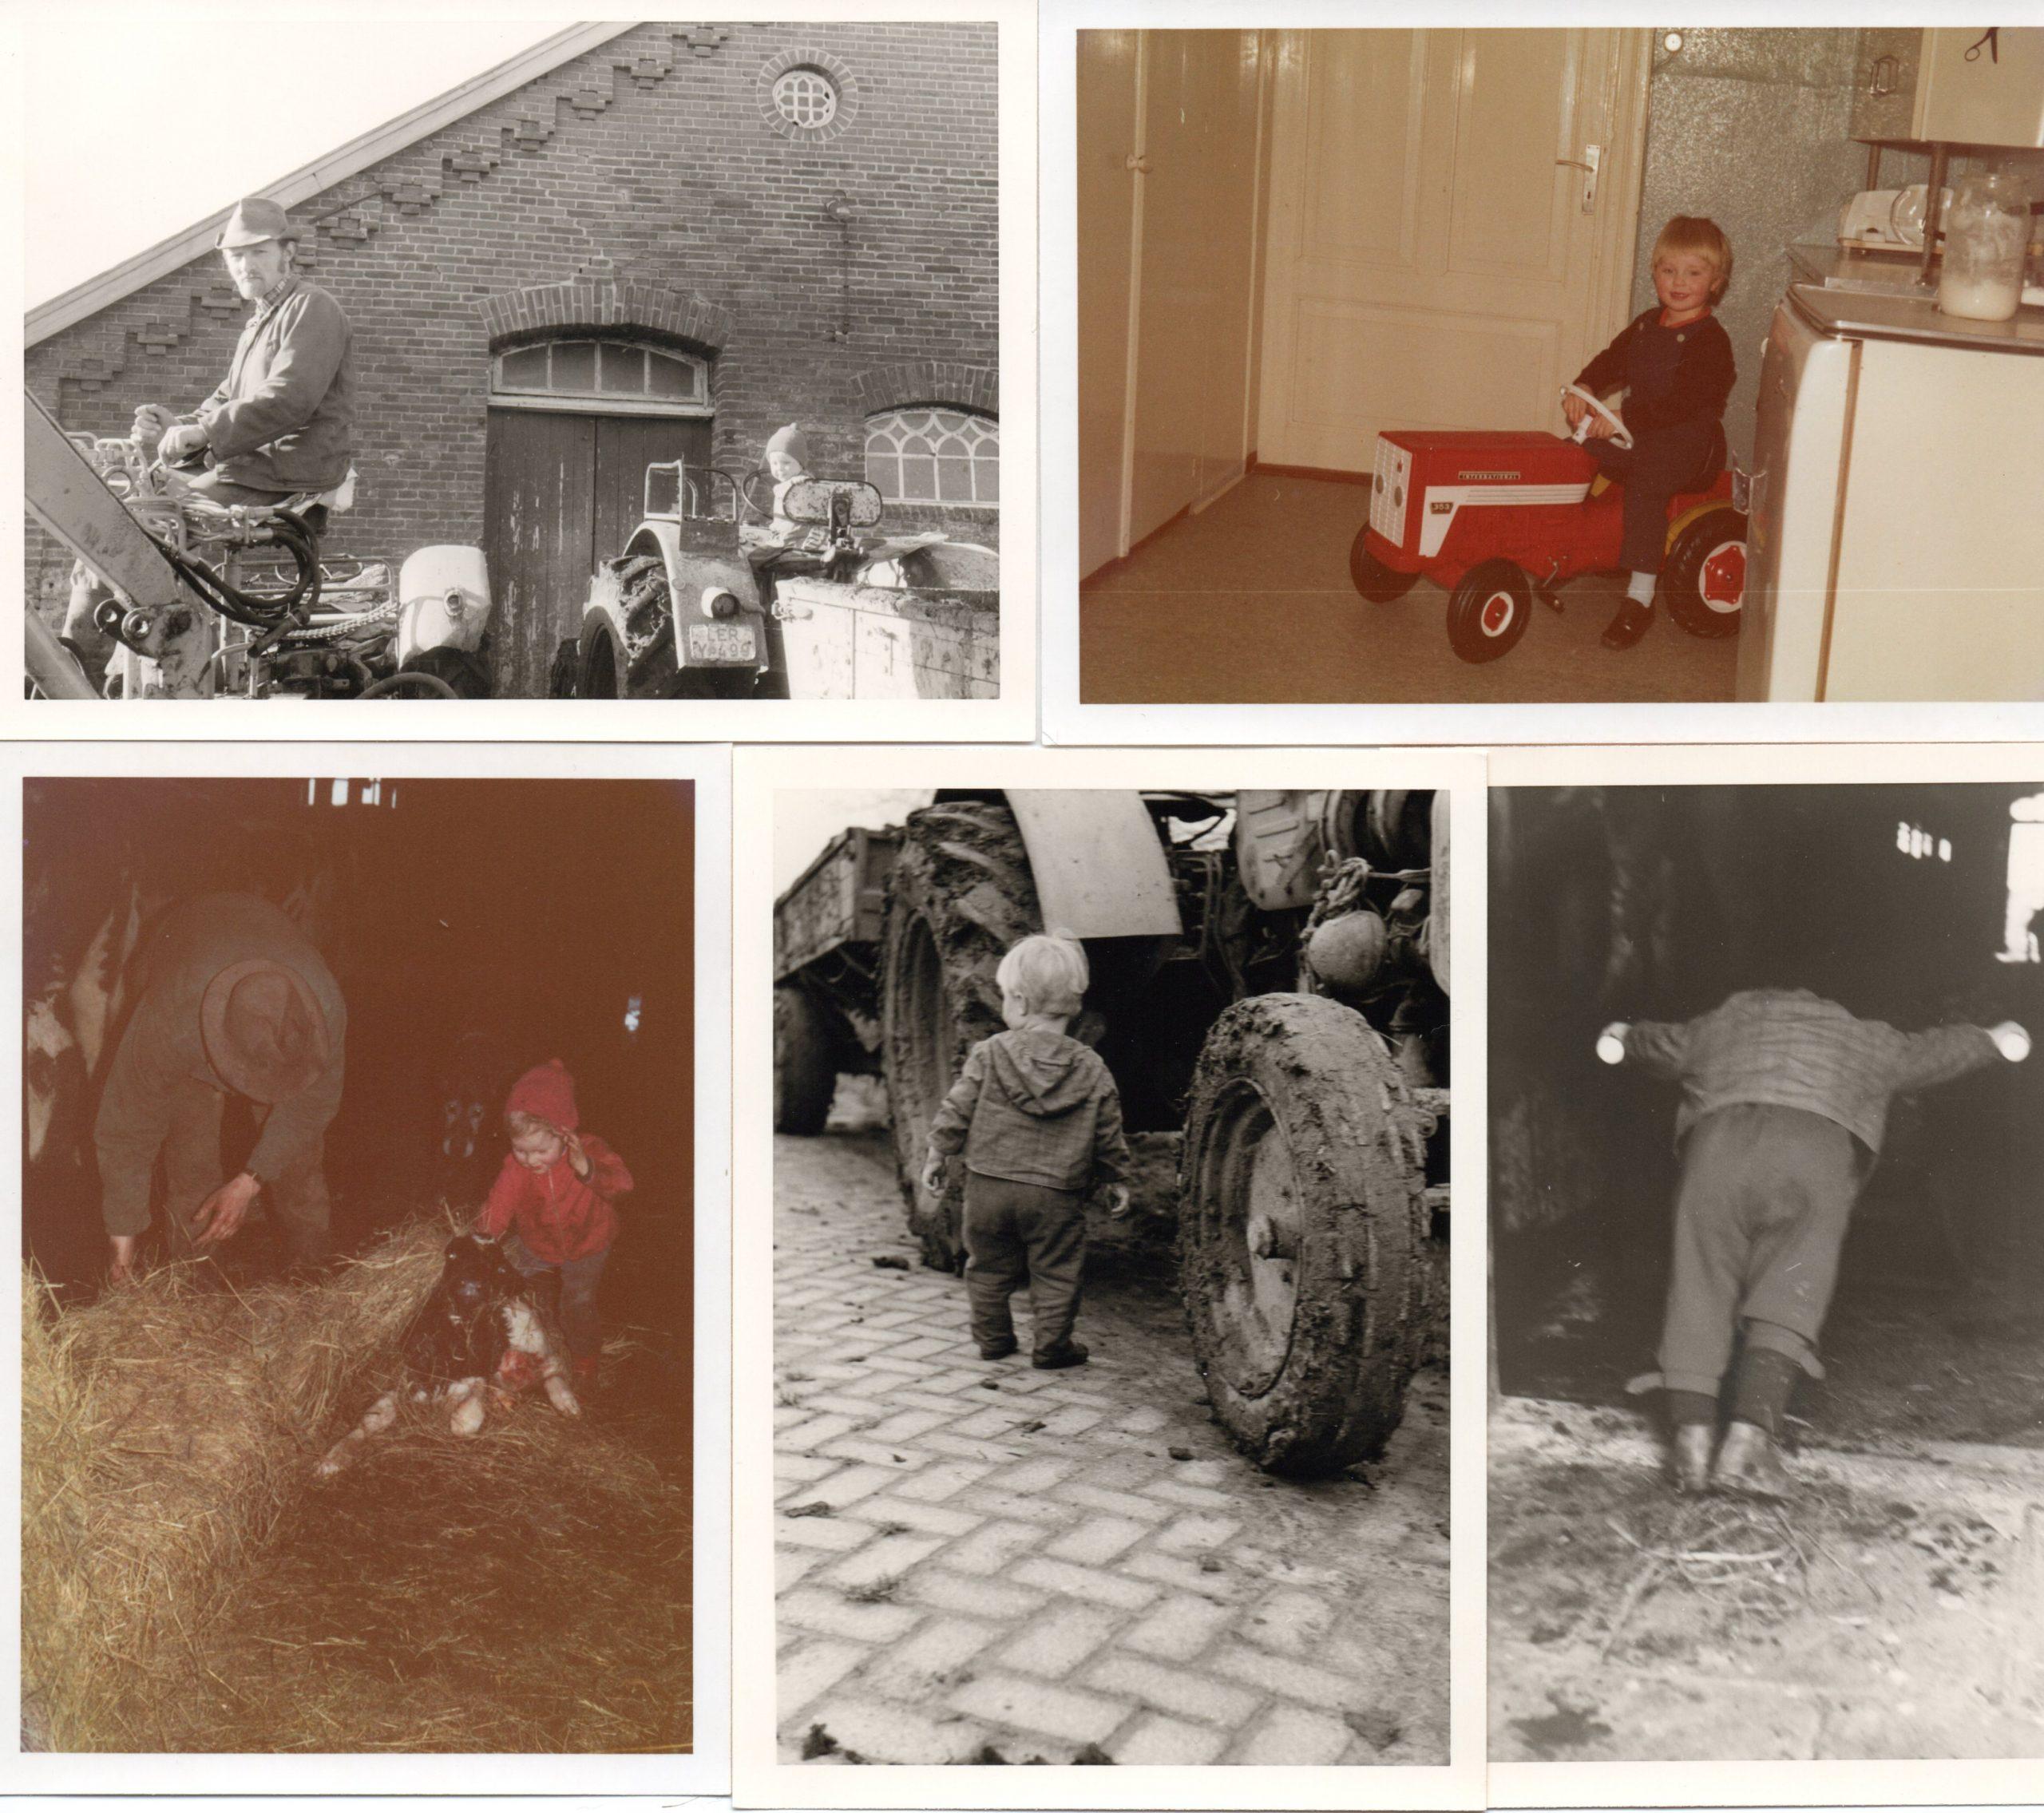 Bilder aus den 70ern. Bauernhof, ein schöner Ort groß, zu werden